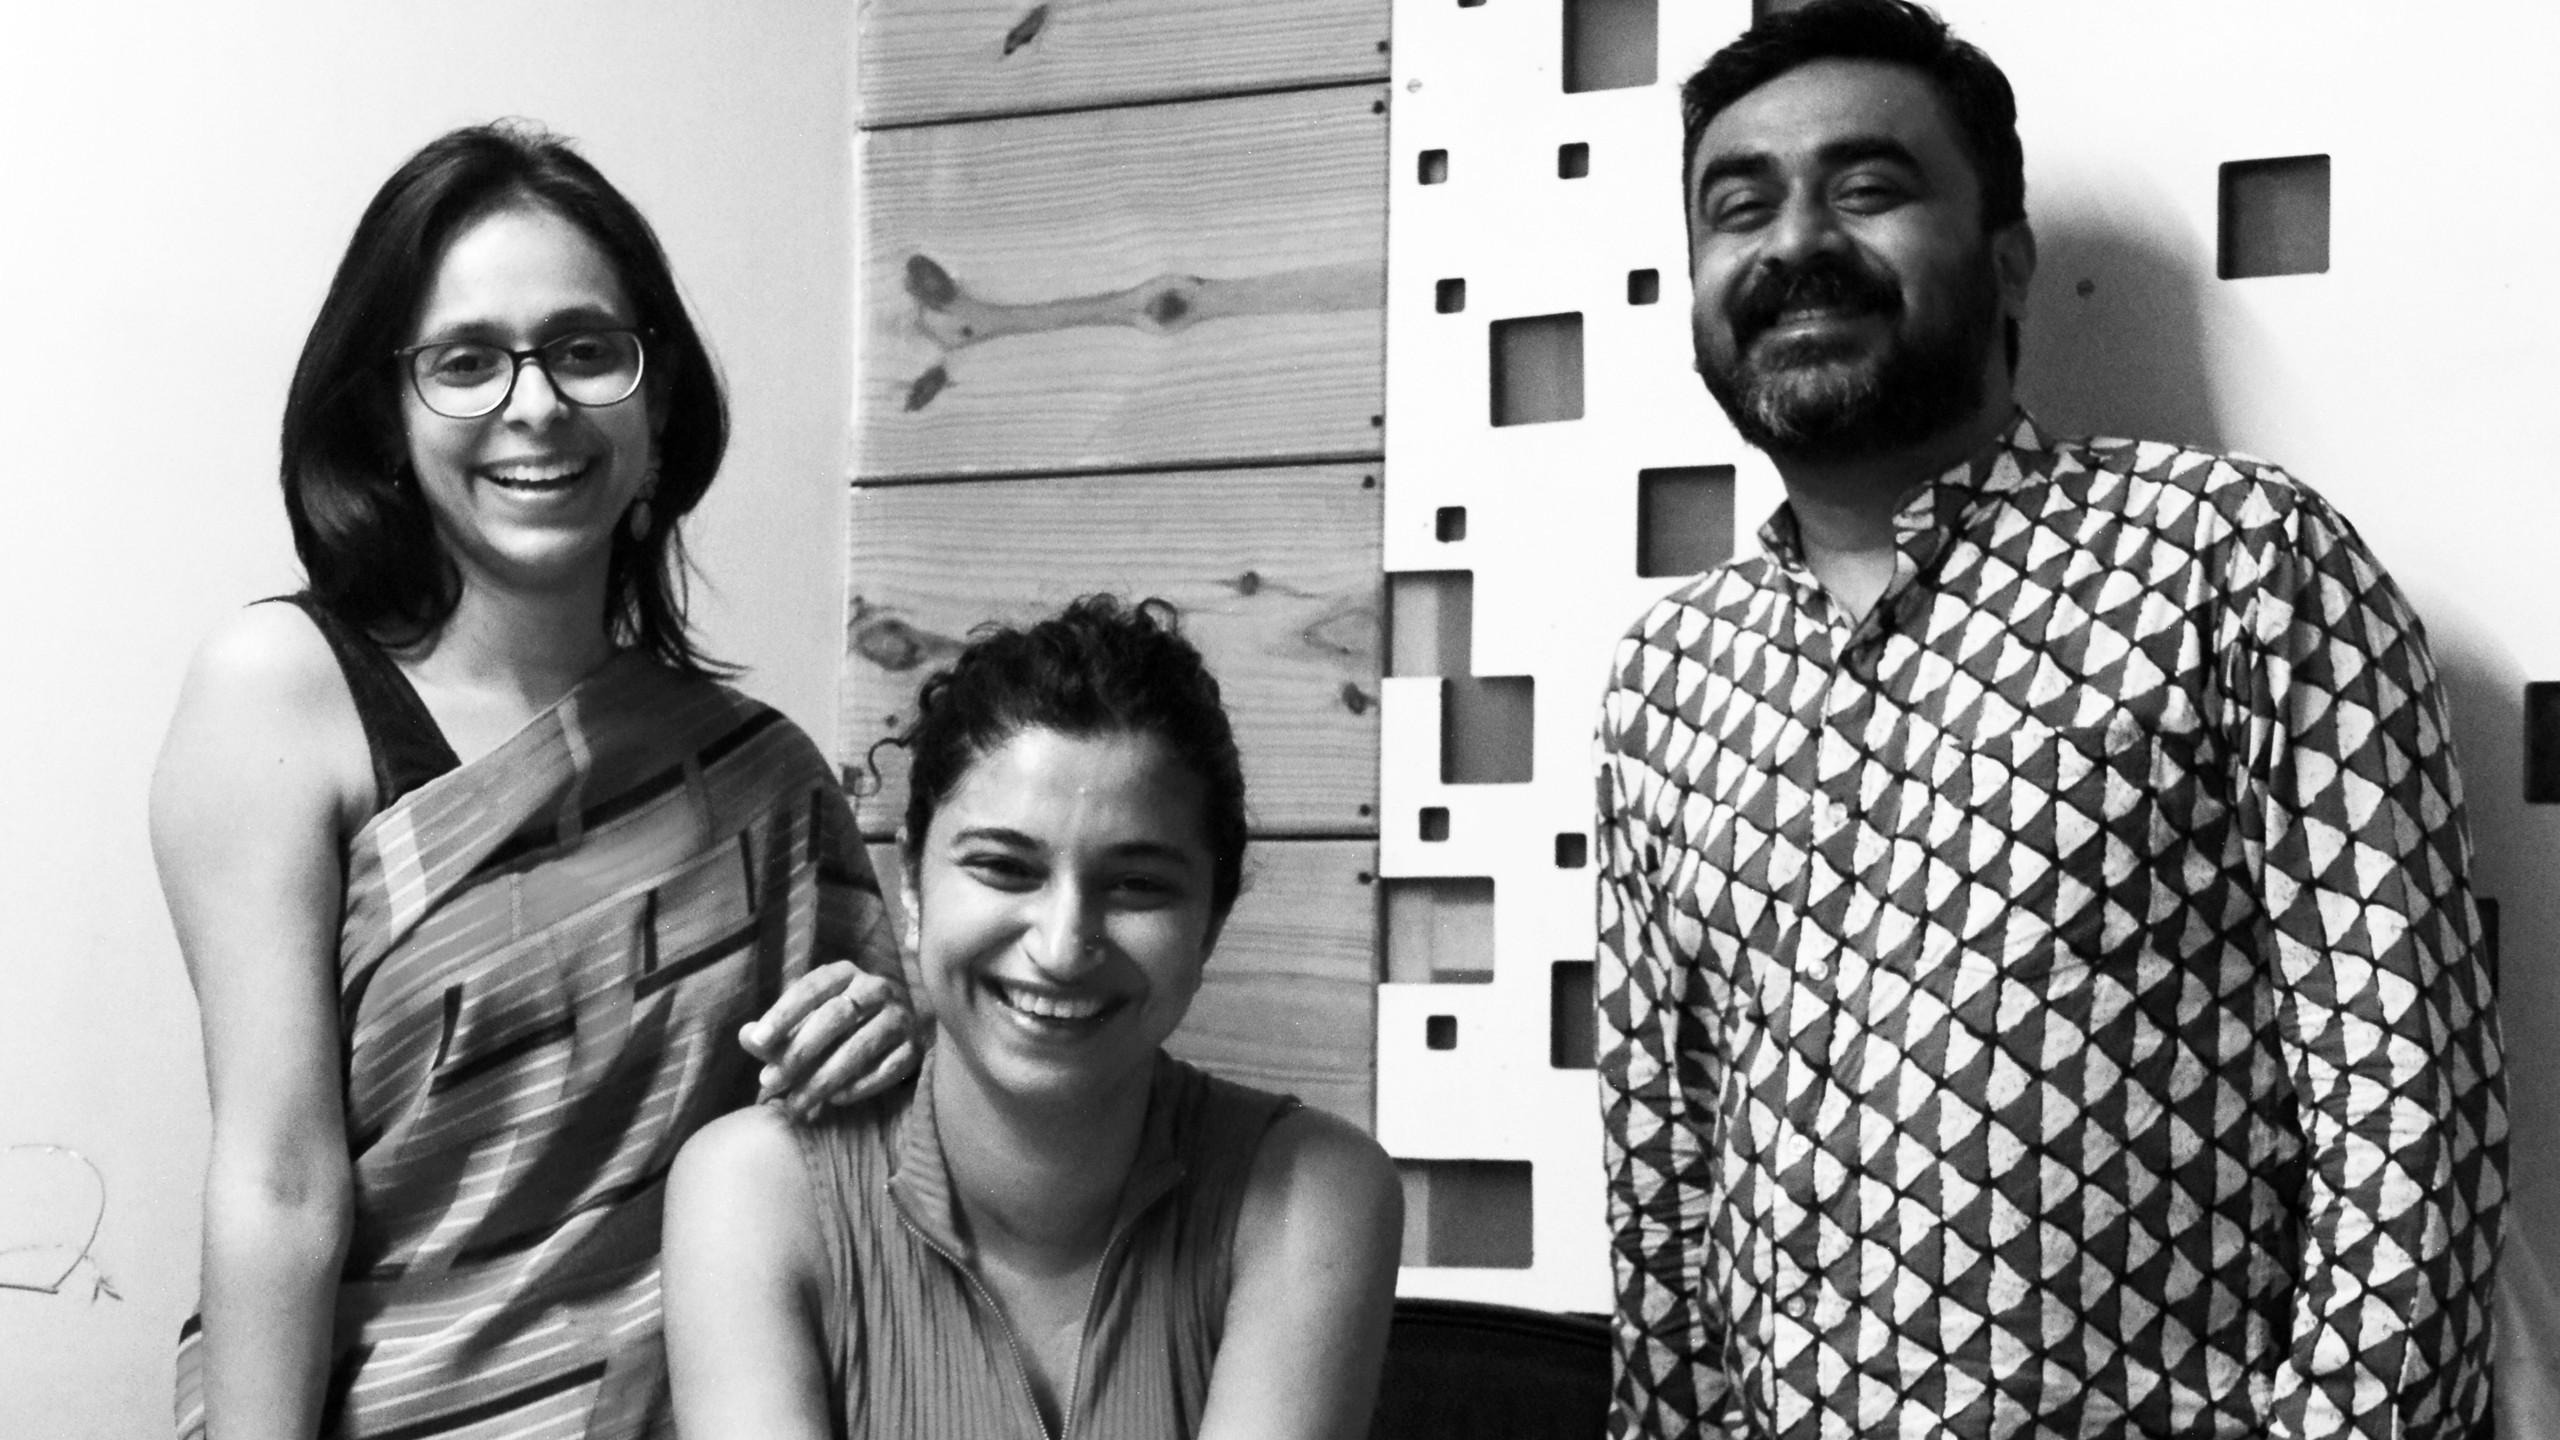 Os sócios fundadores da SpaceMatters, empresa de arquitetura que está projetando a Casa de Adoração Baha'i em Bihar Sharif, na Índia. Da esquerda para a direita, Moulshri Joshi, Amritha Ballal e Suditya Sinha.